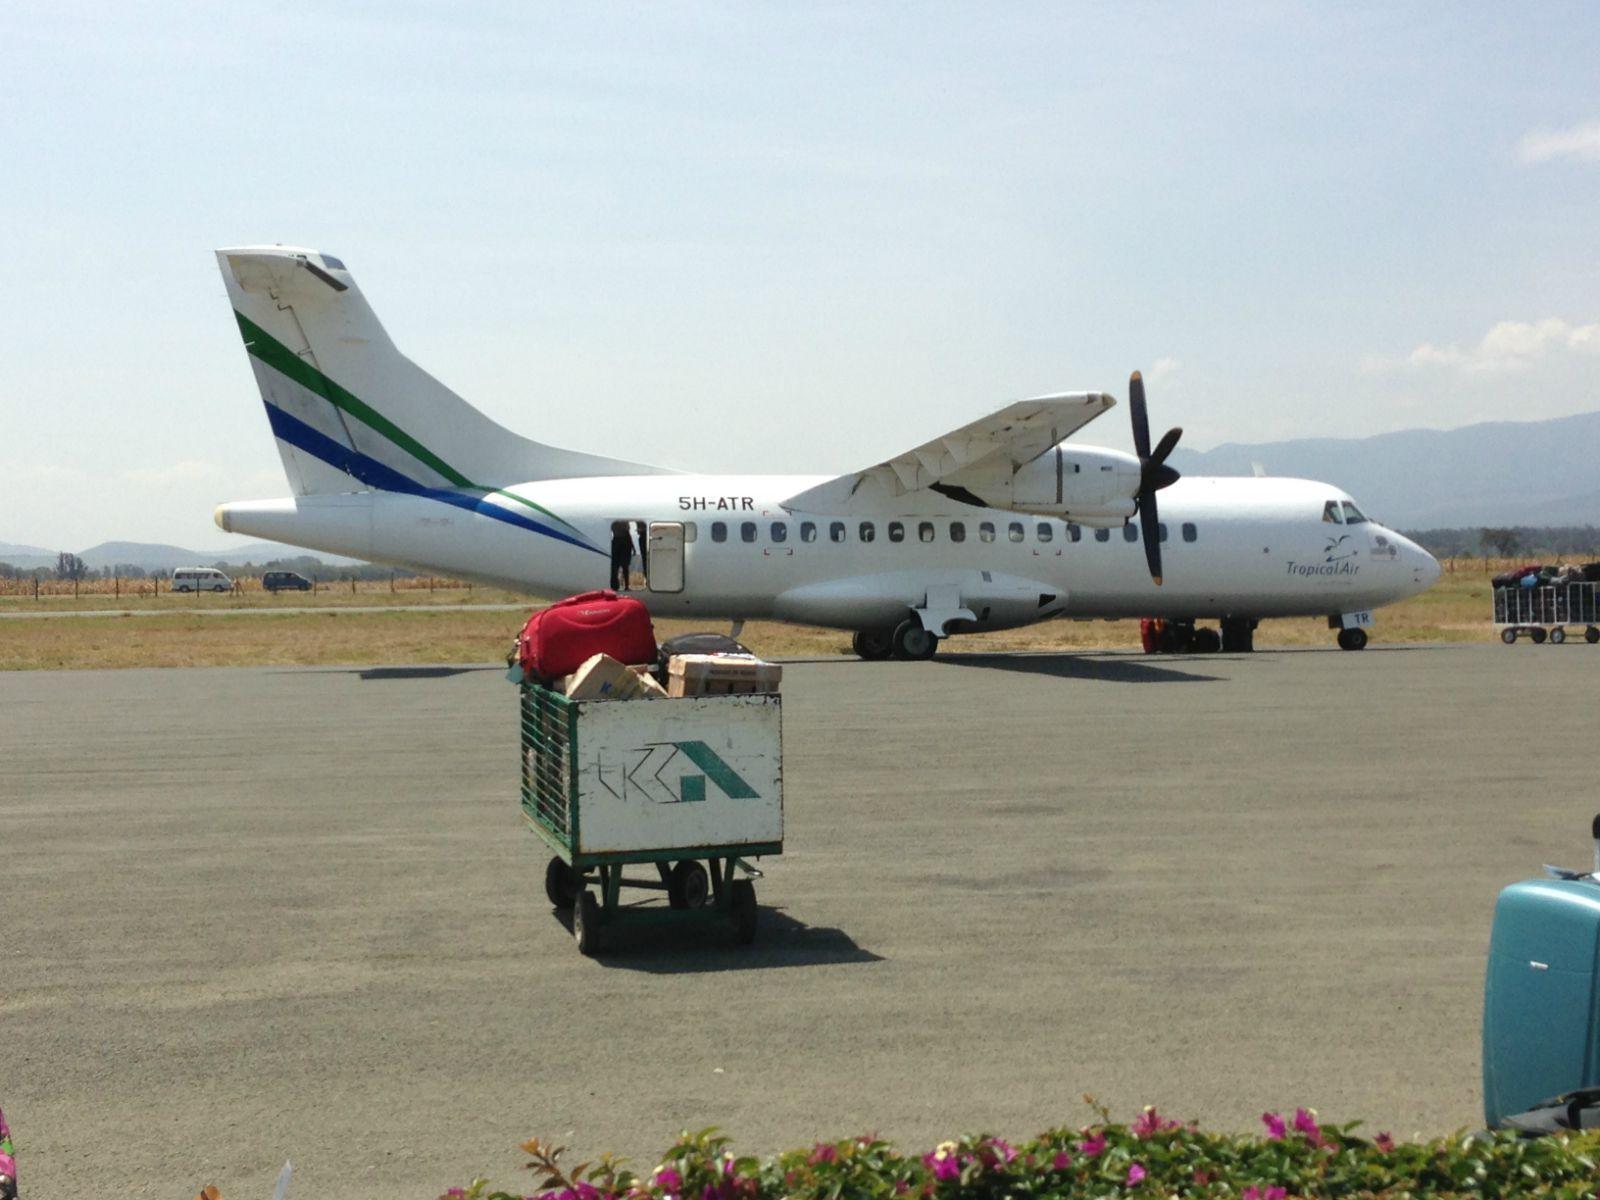 这是我们17人做的飞机,好像可以坐40-50人,有一位空姐服务,不过只提供